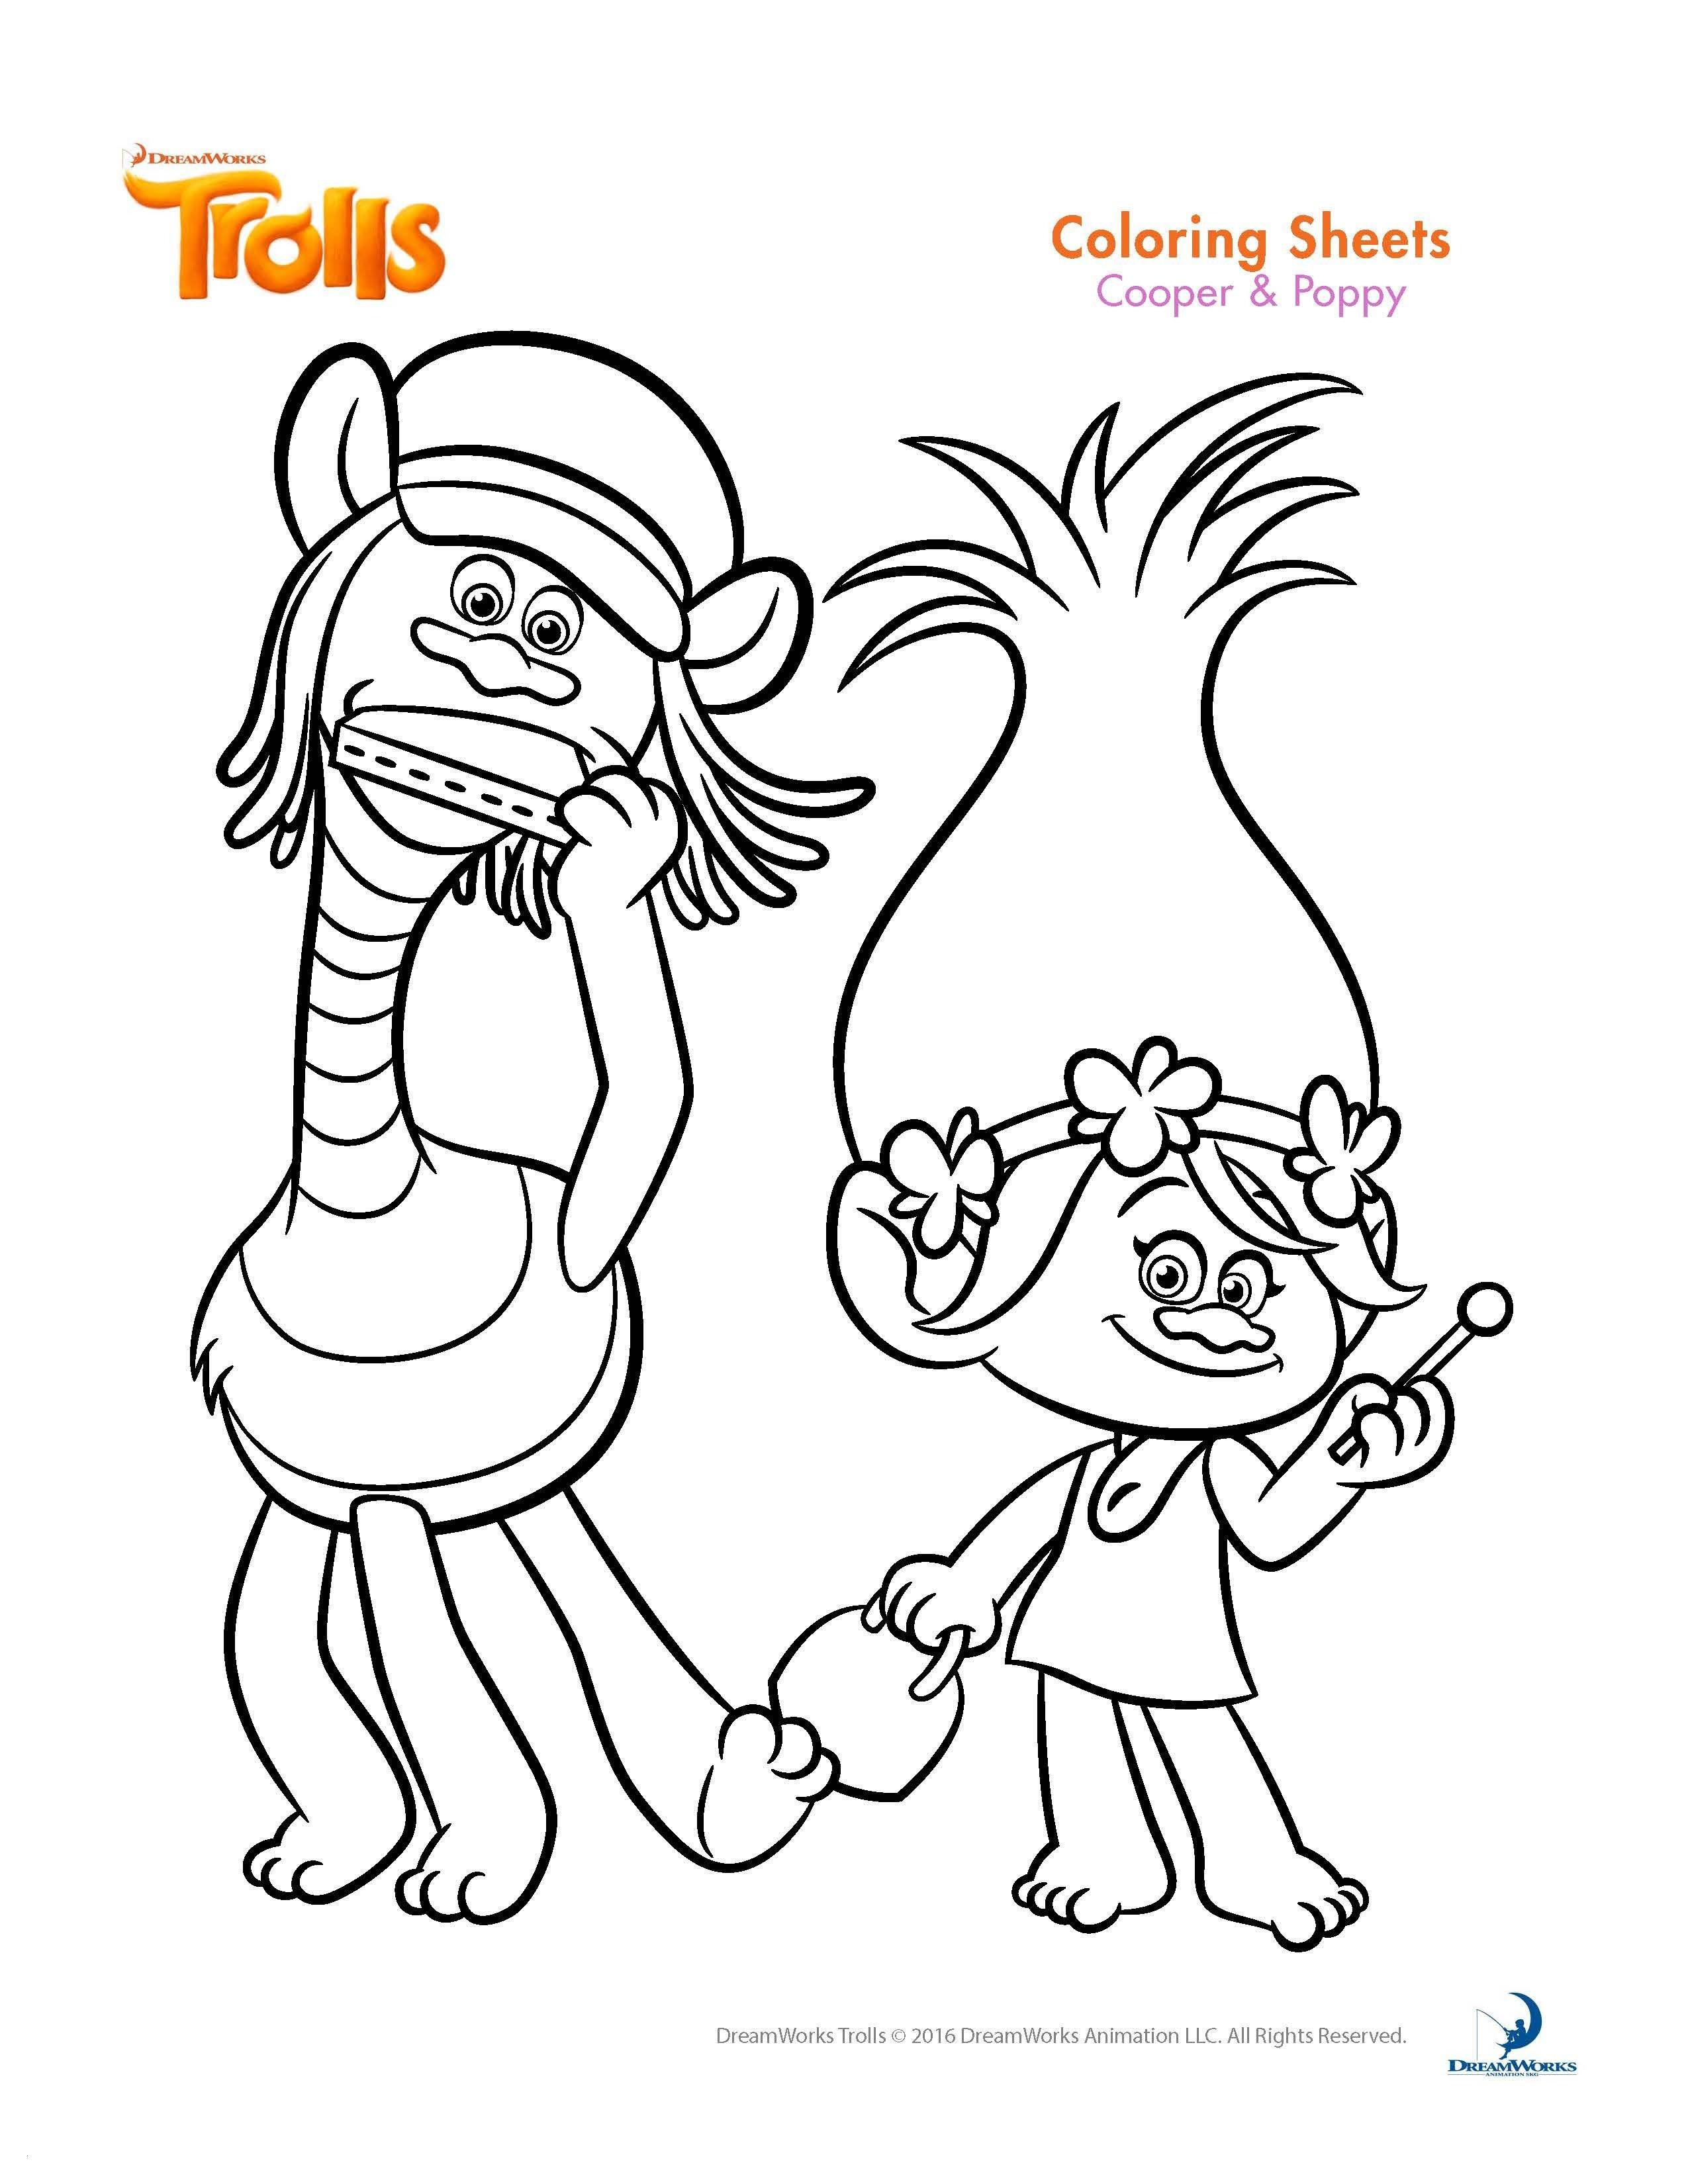 Malvorlagen Winnie Pooh Genial 47 Best Malvorlagen Winnie Pooh Beste Malvorlage Galerie